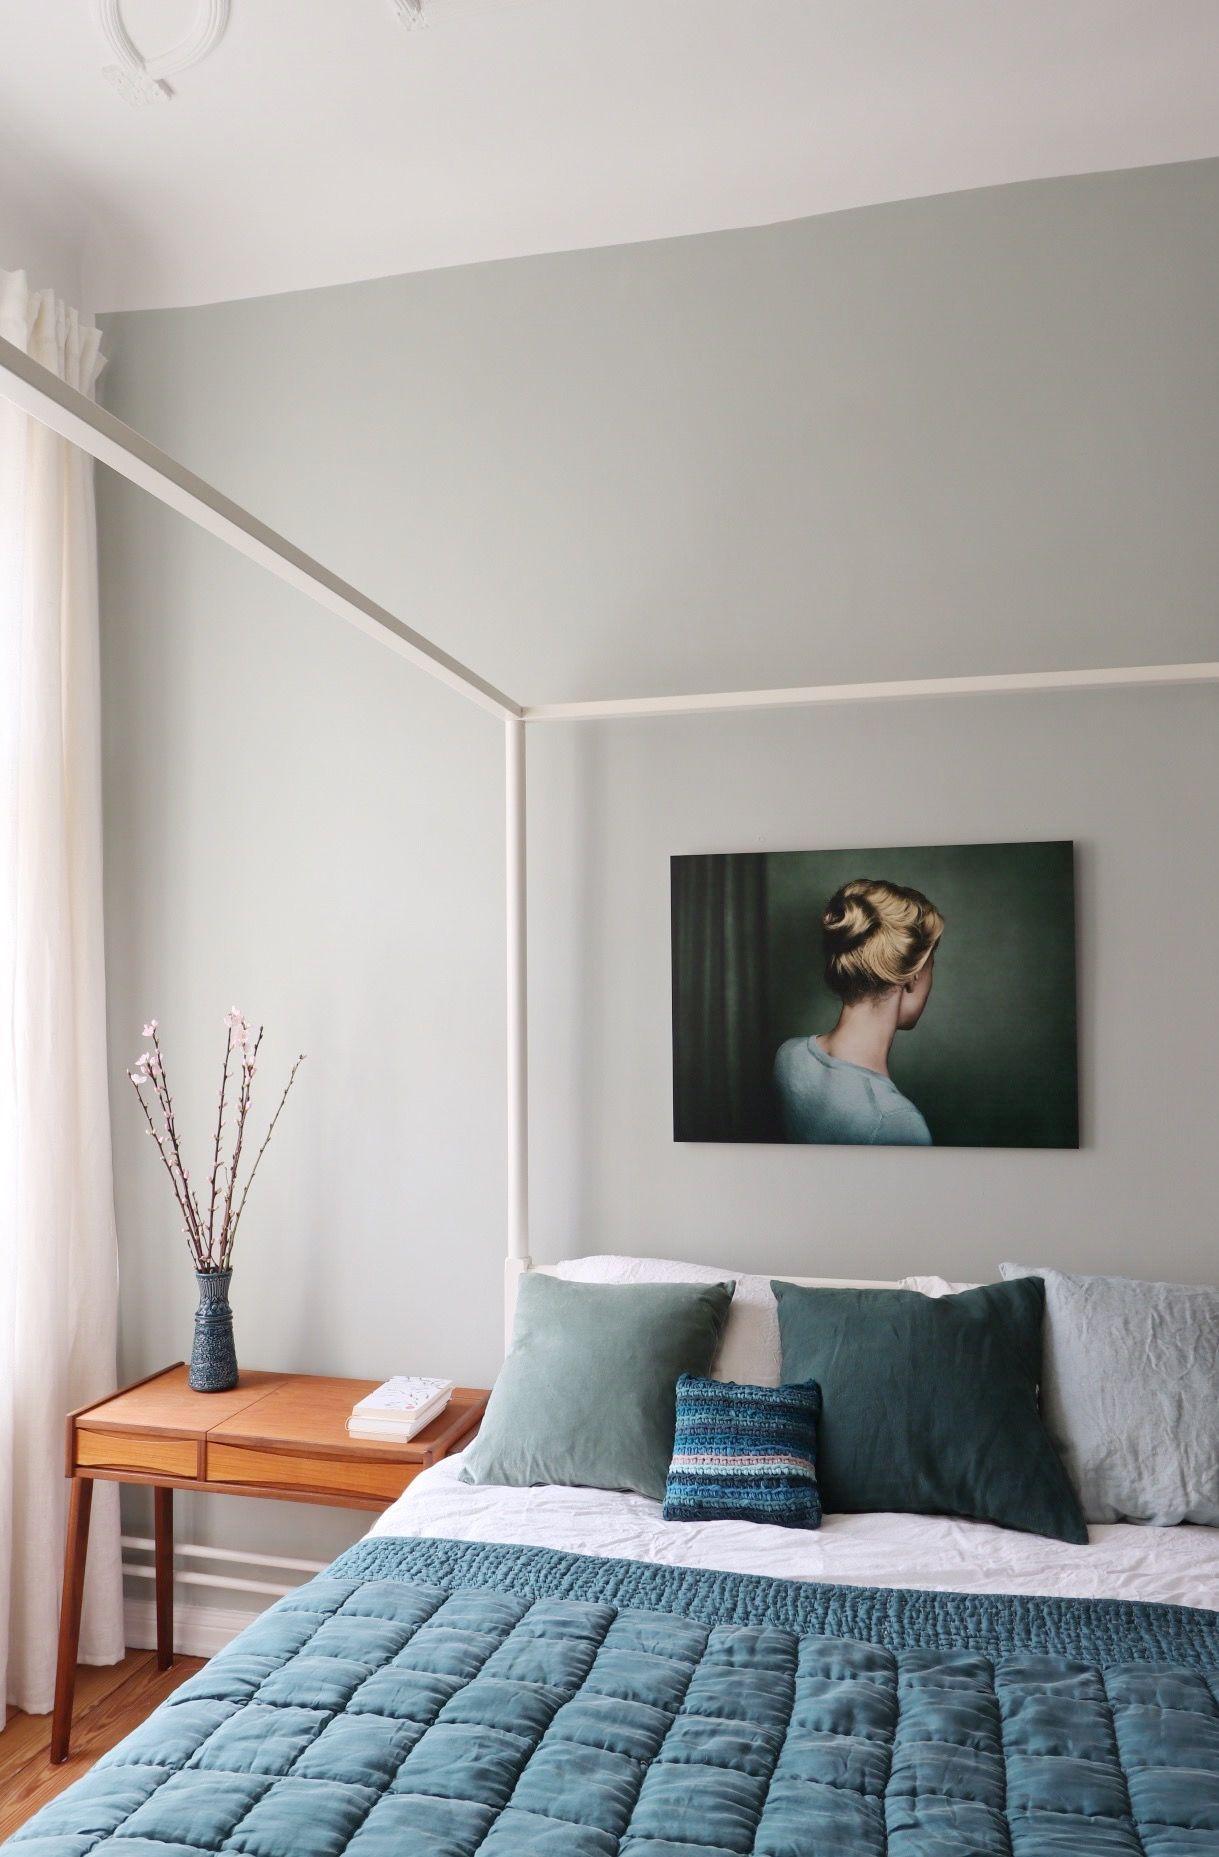 wandfarbe schlafzimmer mandelblte - Wandfarbe Schlafzimmer